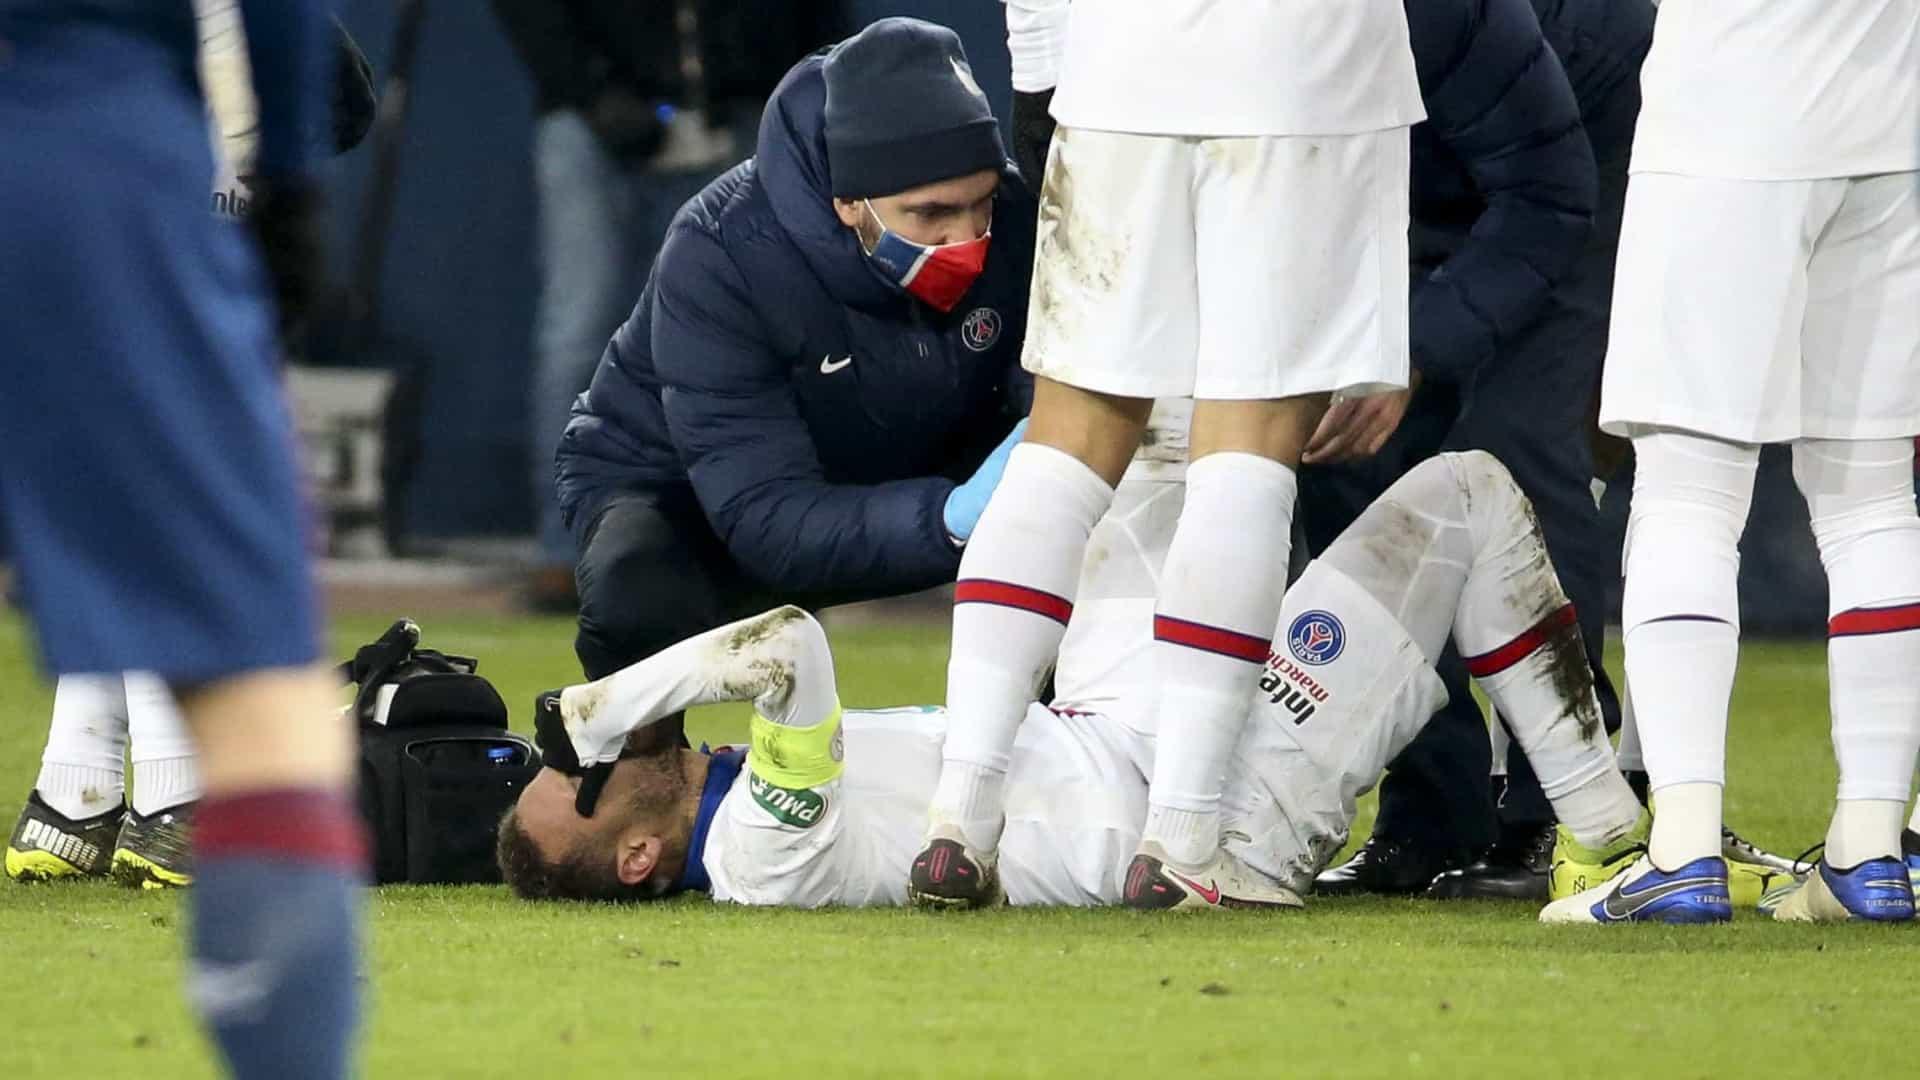 naom 60256391445c3 - 'Sinceramente não sei até quando aguentarei', desabafa Neymar